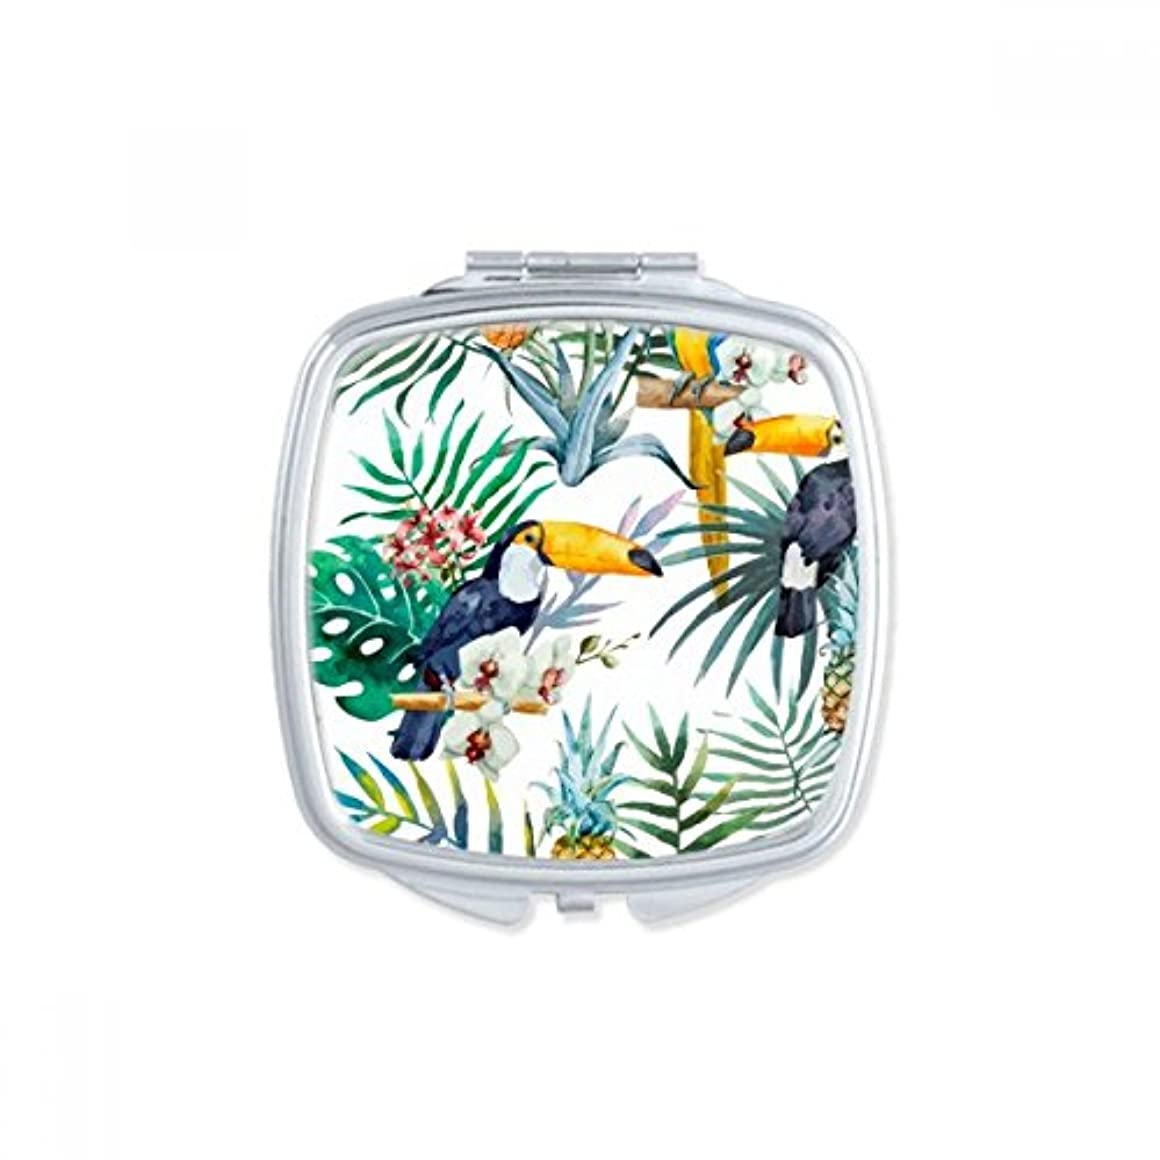 水彩画のオオハシの低木のパイナップルのオウム スクエアコンパクトメークアップポケットミラー携帯用の小さなかわいいハンドミラープレゼント